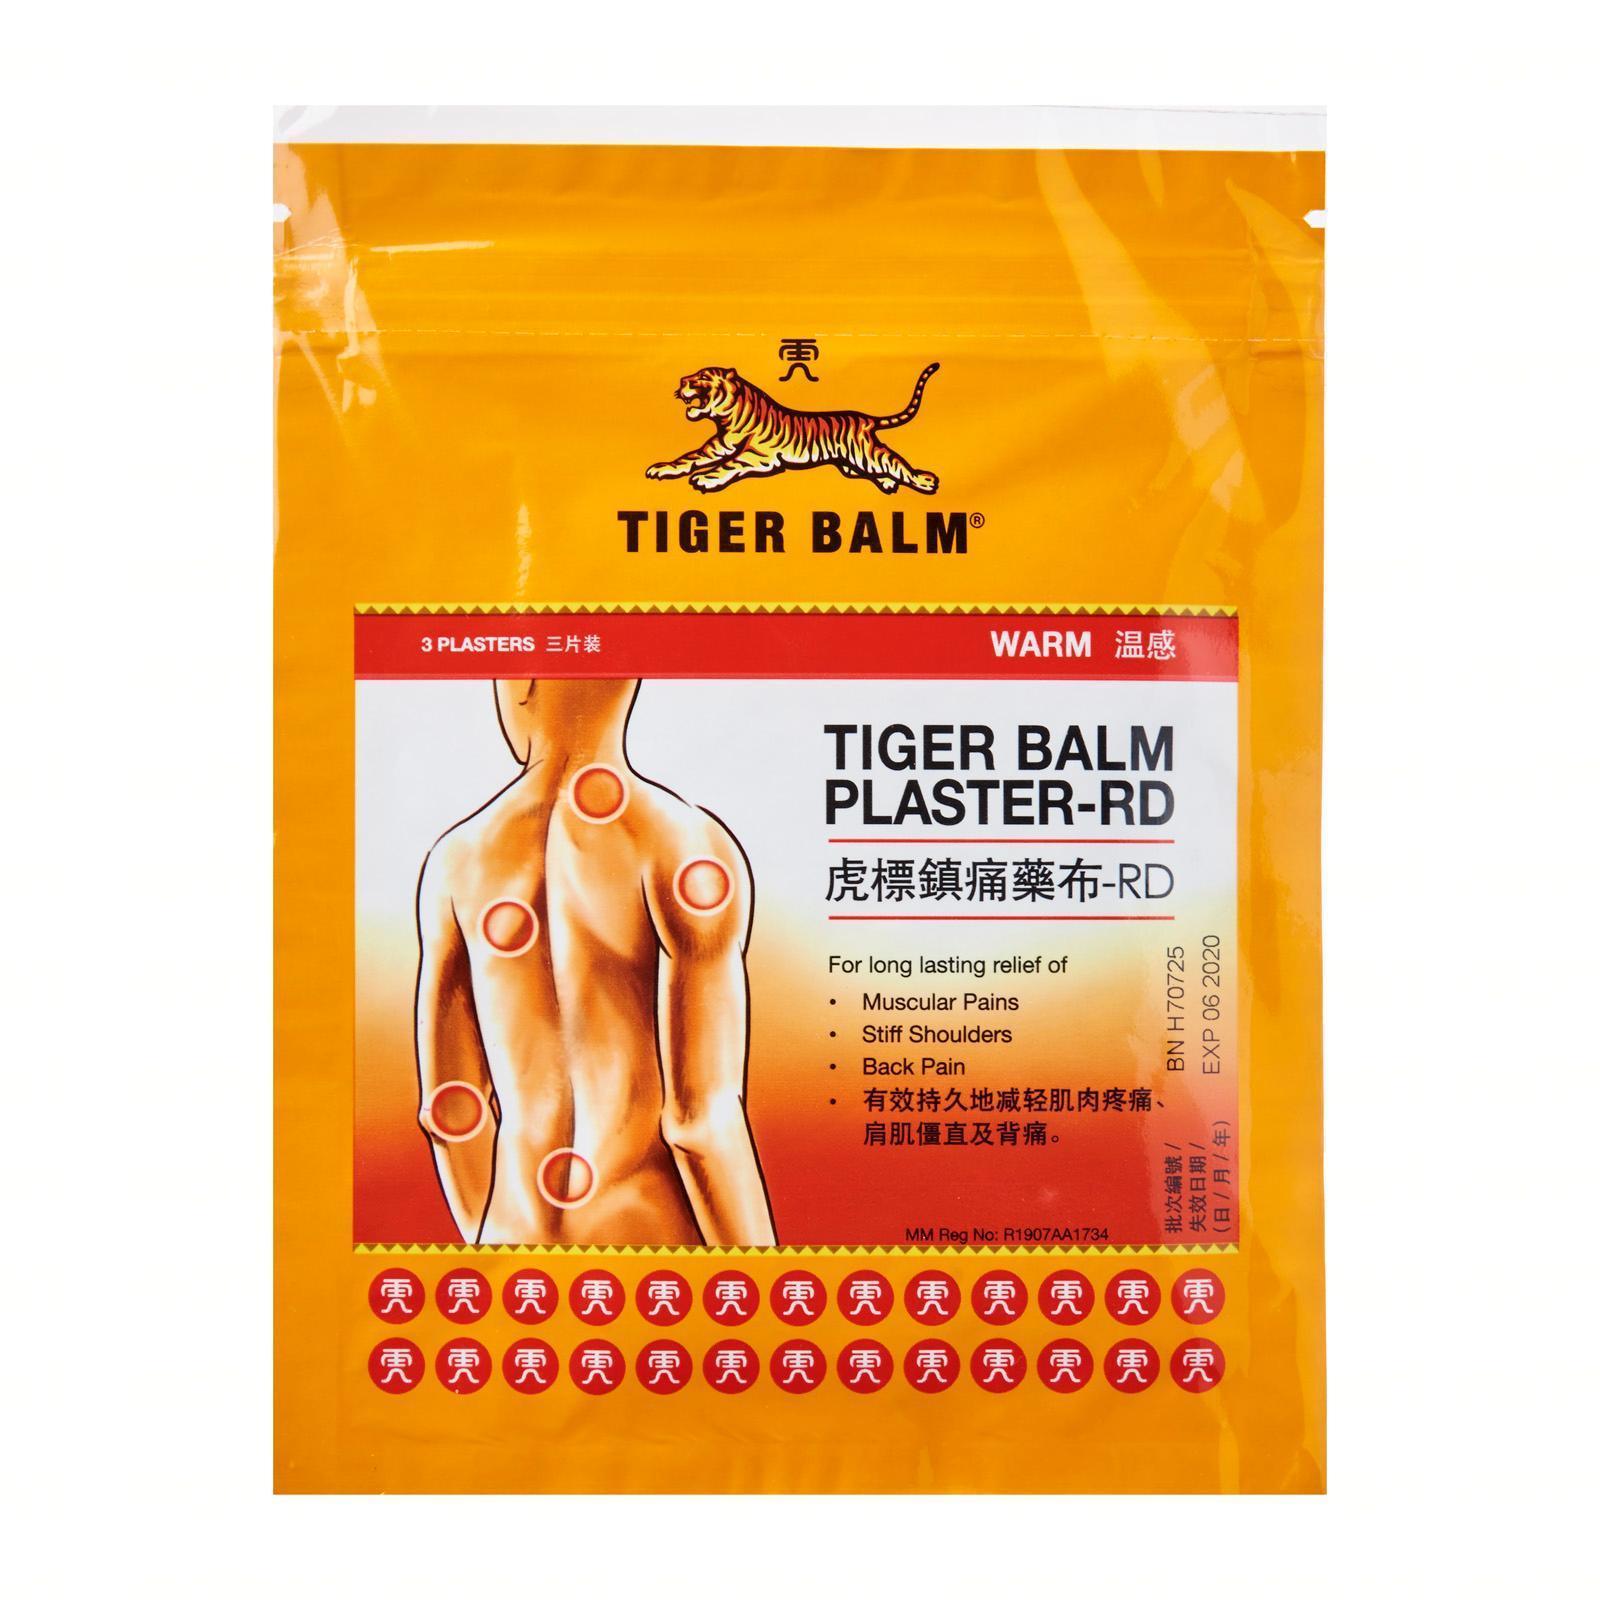 Miếng dán tiger balm plaster RD nhập khẩu